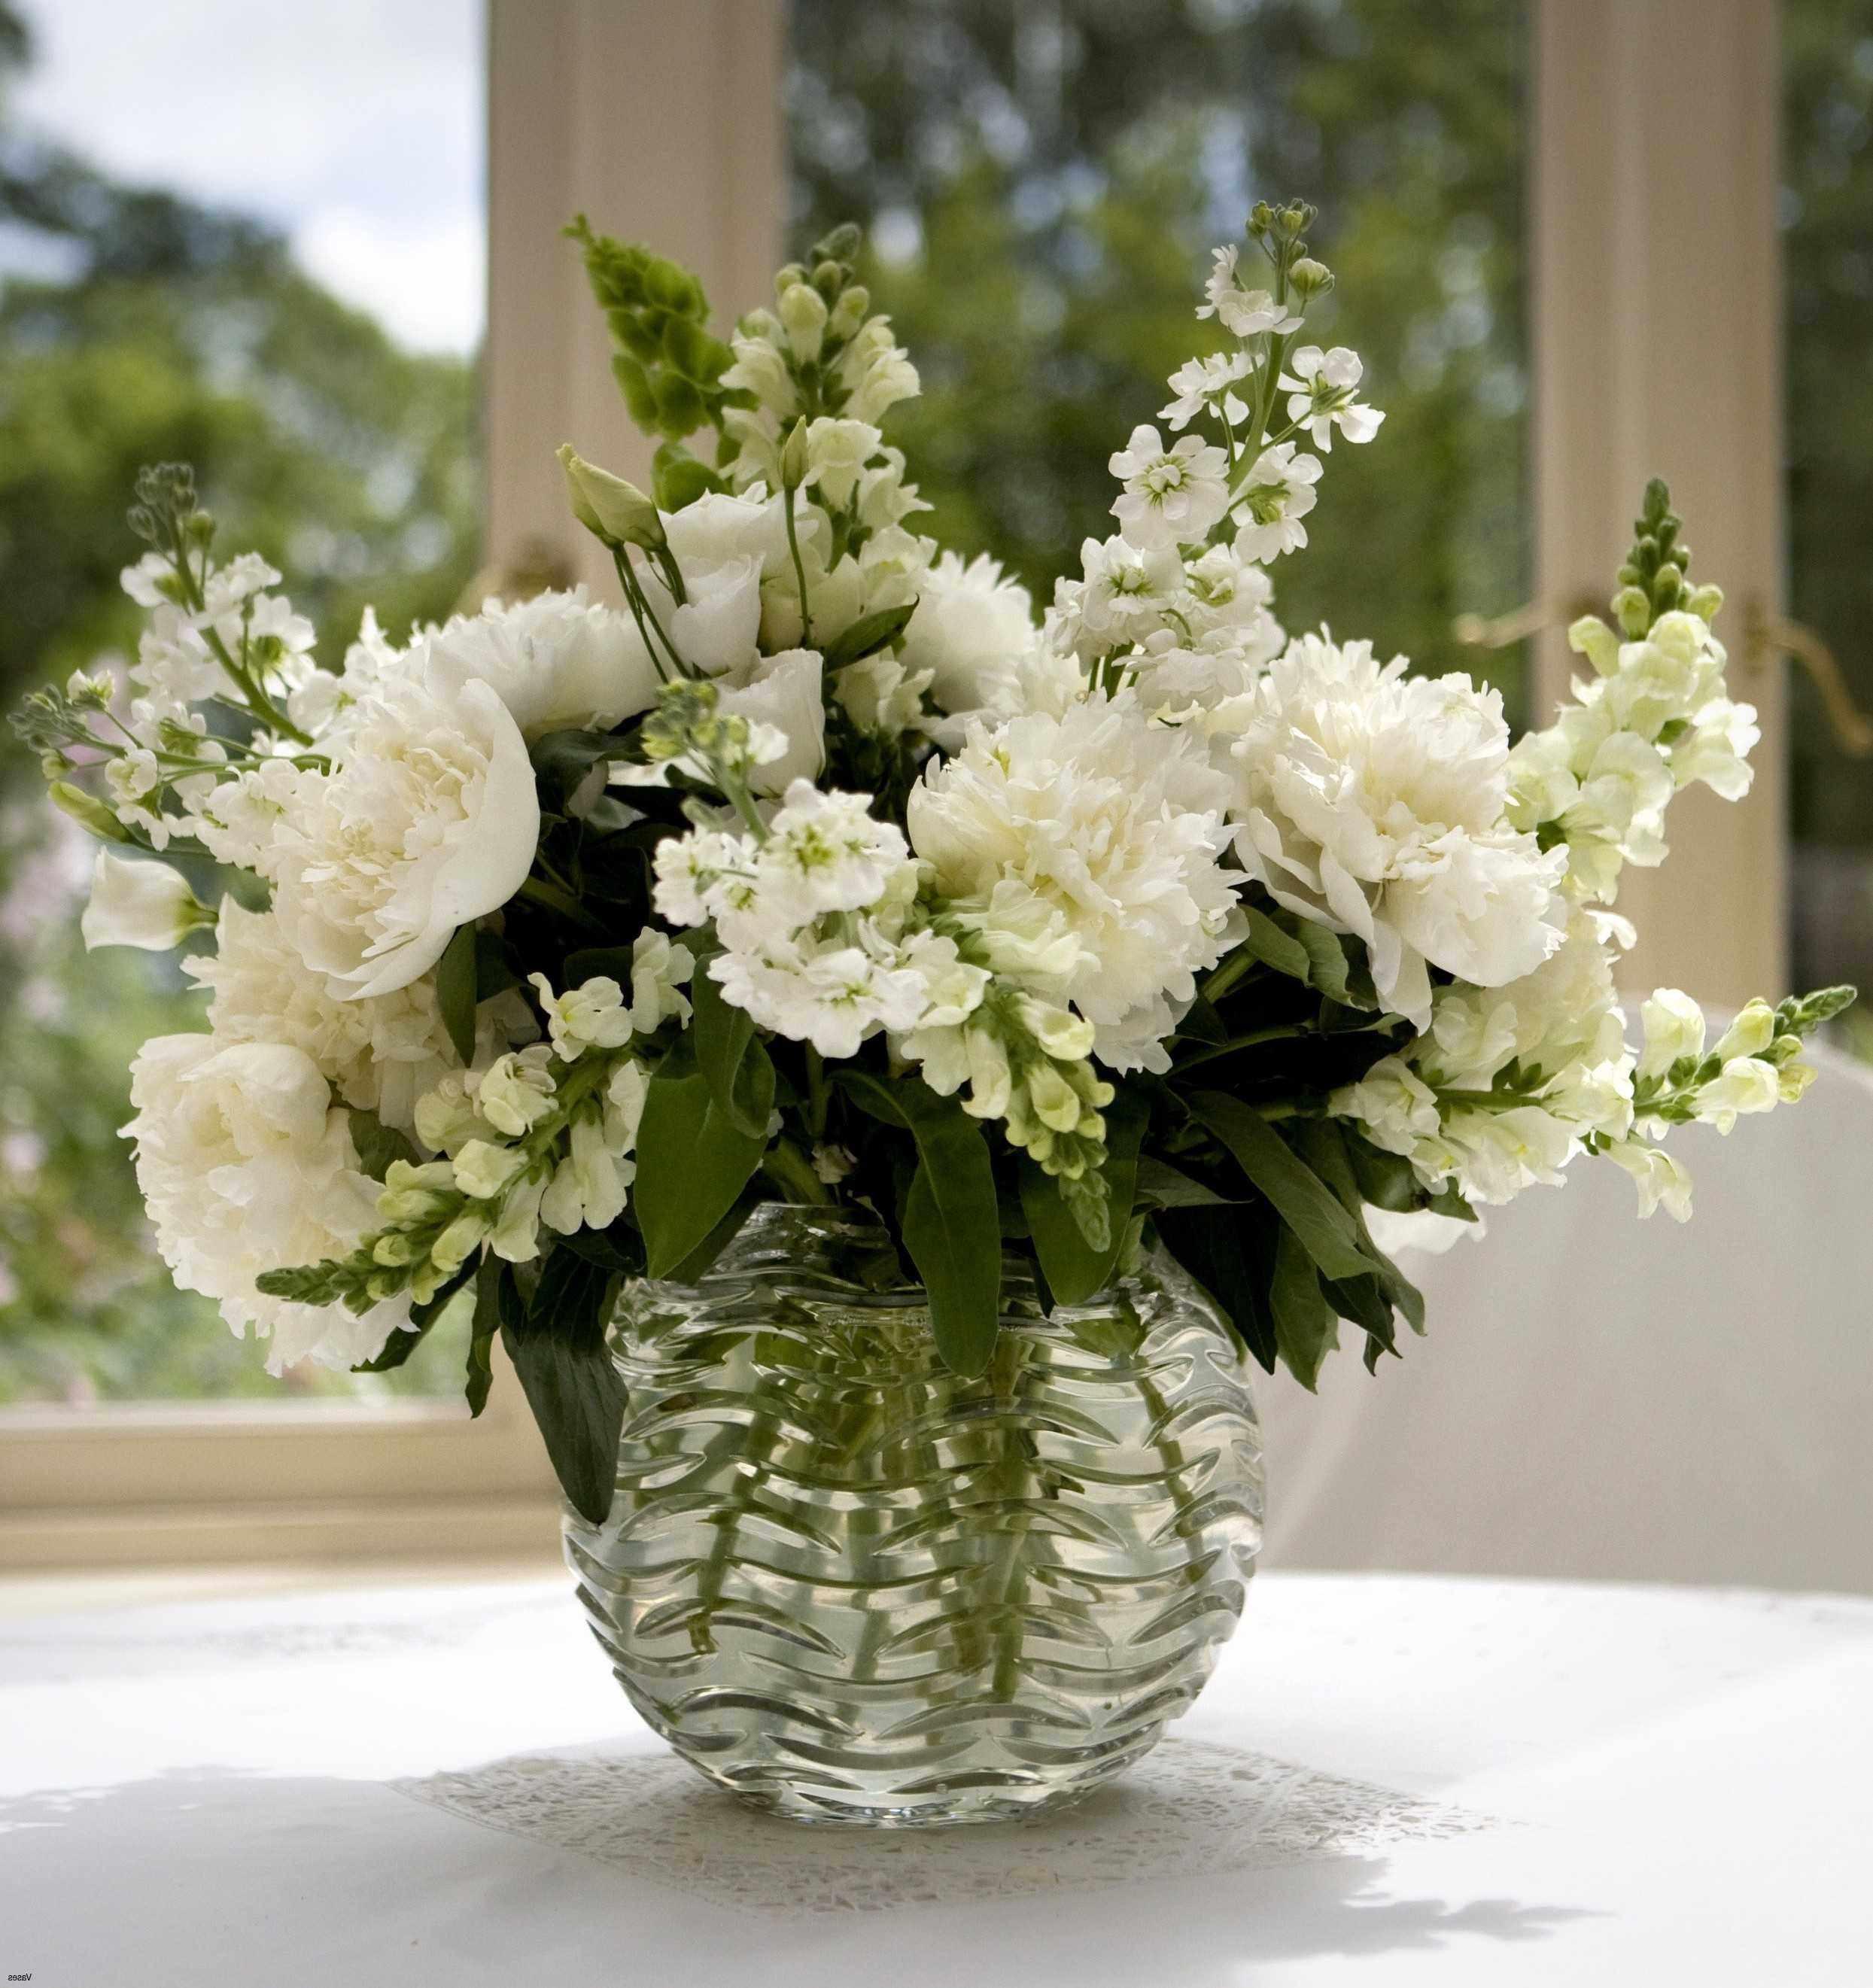 International Flower Delivery Lovely Vase Flowers 5h Vases Flowersi 15d Oil Painting Arrangement